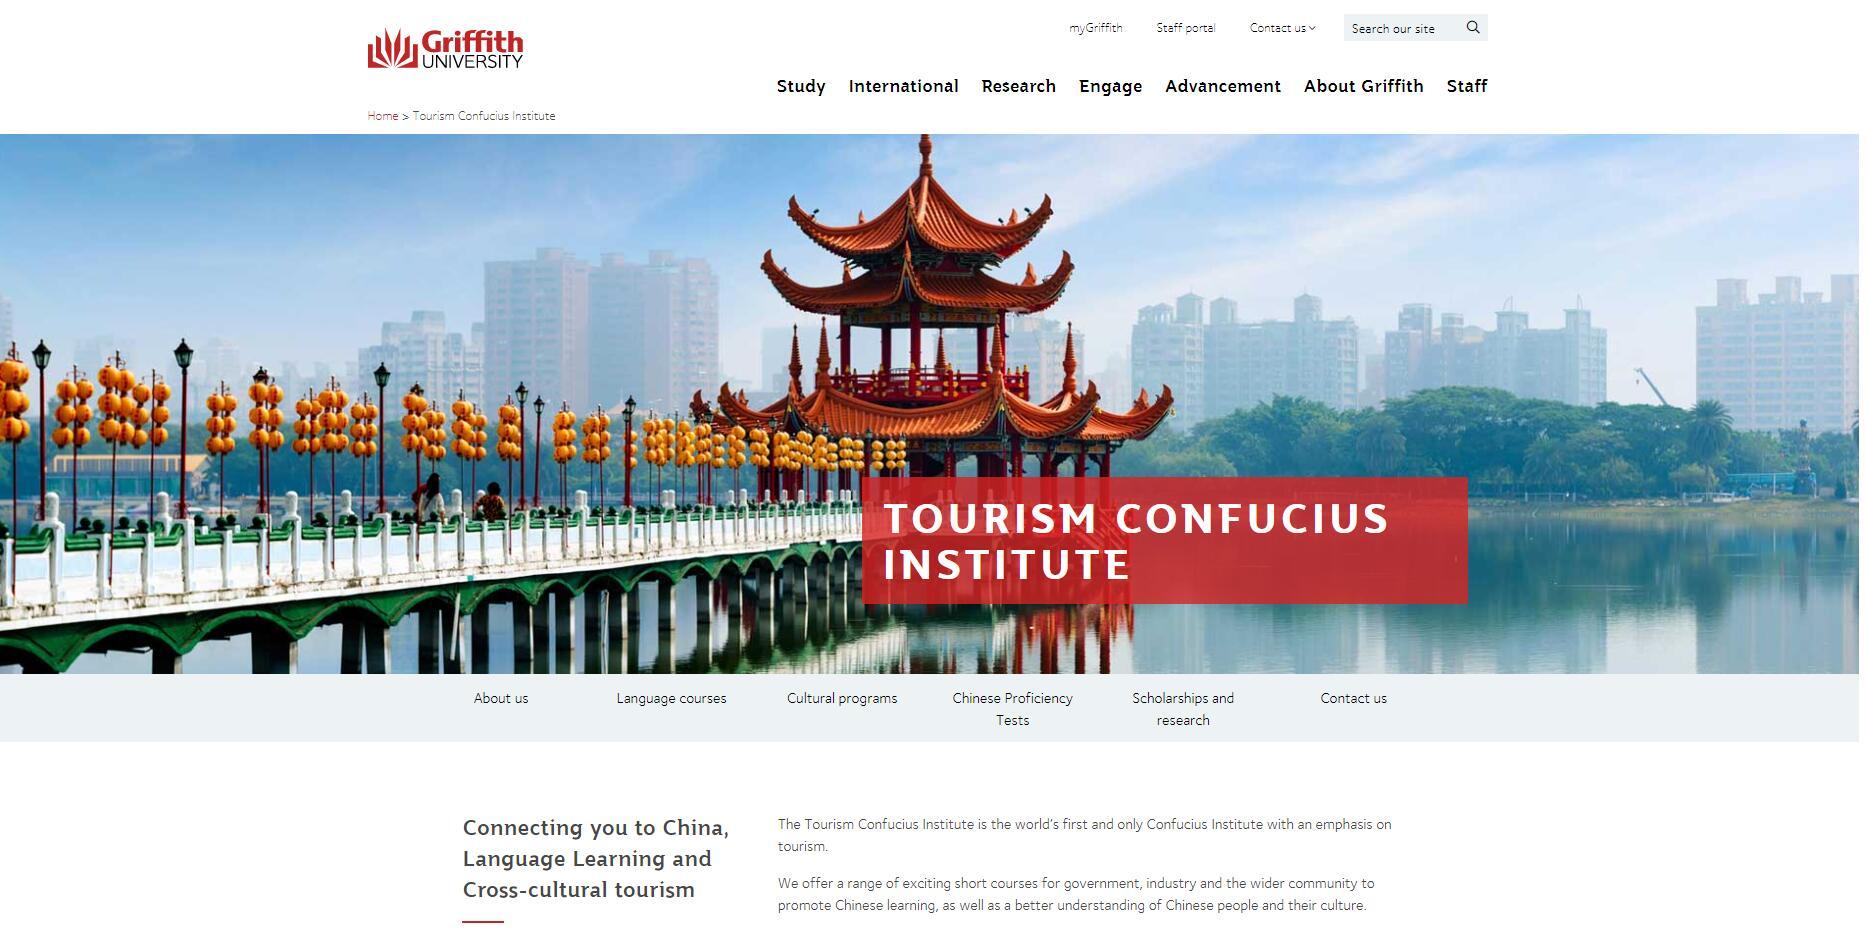 Tourism Confucius Institute - Griffith University